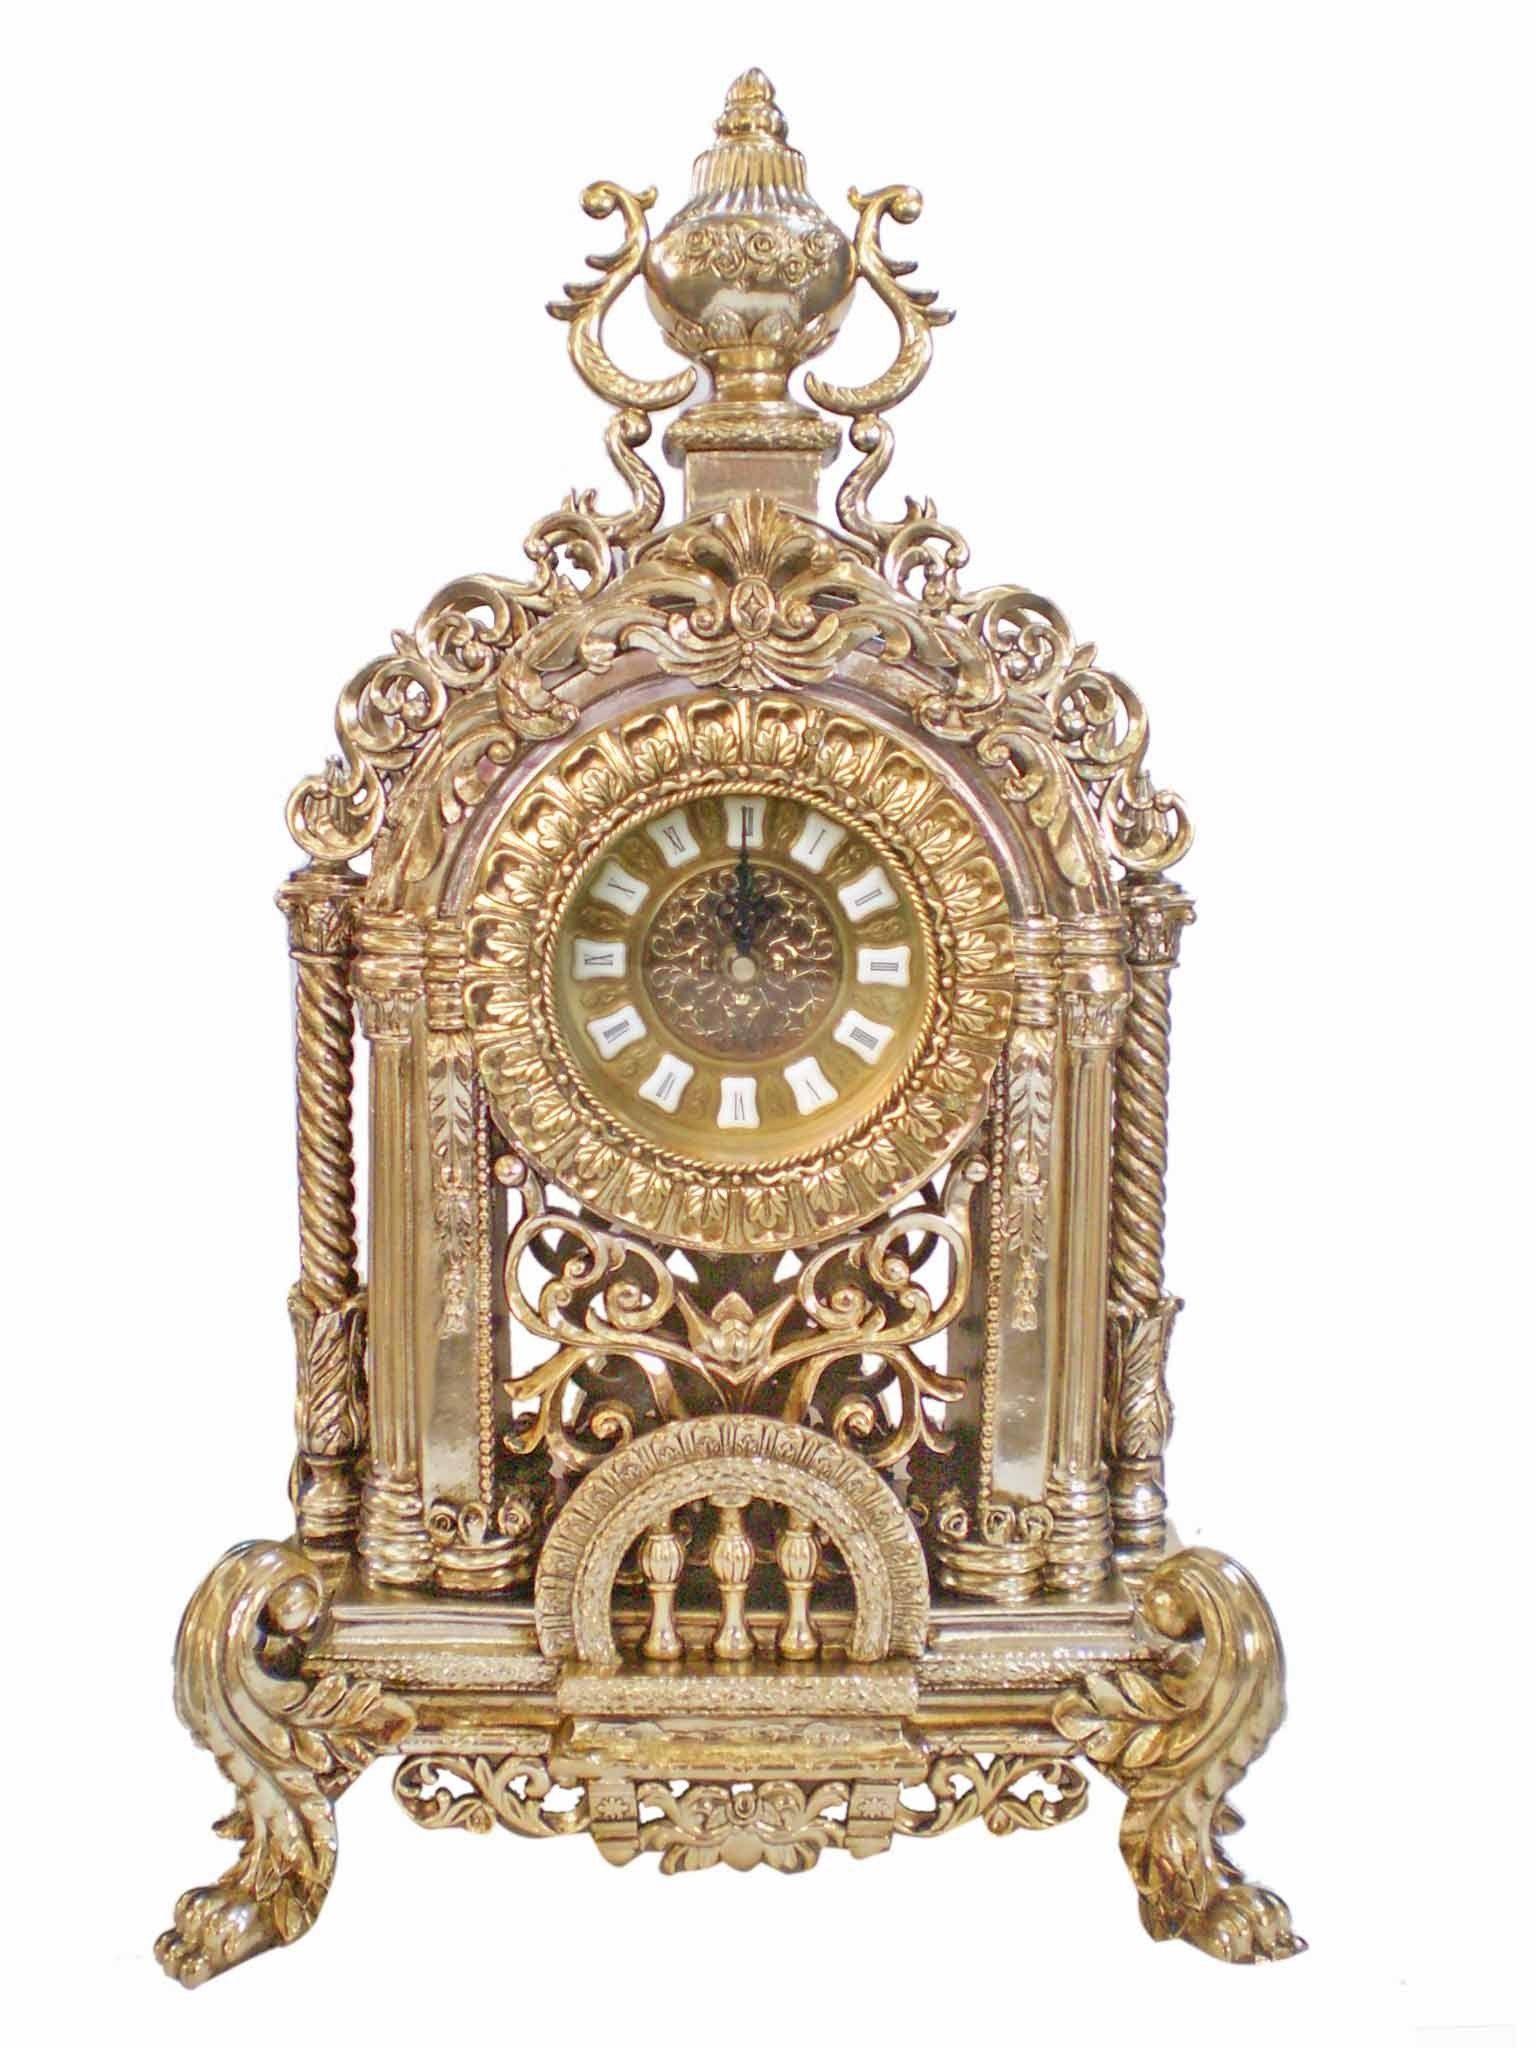 Antique Clock Antique table clock 1313630866 More - Antique Clock Antique Table Clock 1313630866 … Pinteres…